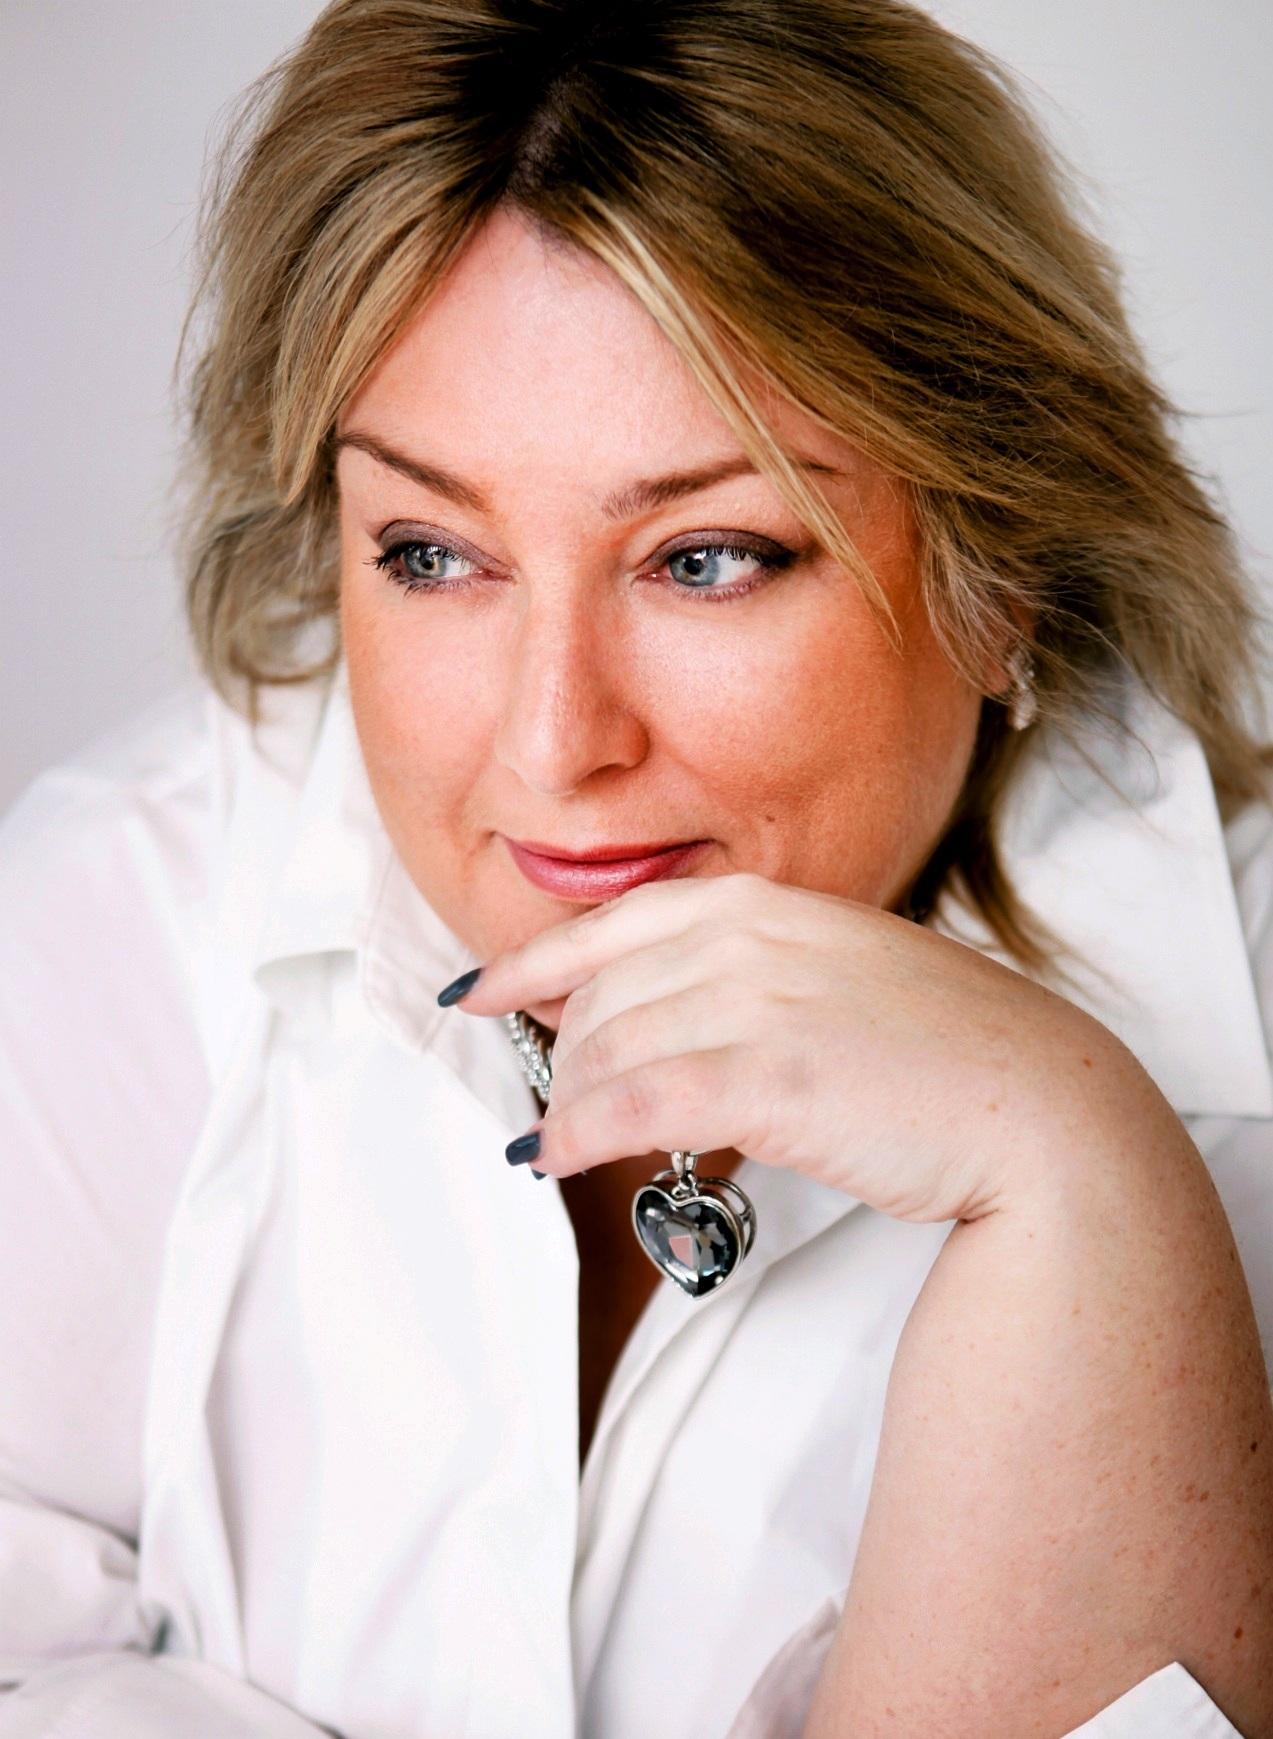 Andrea Mertz